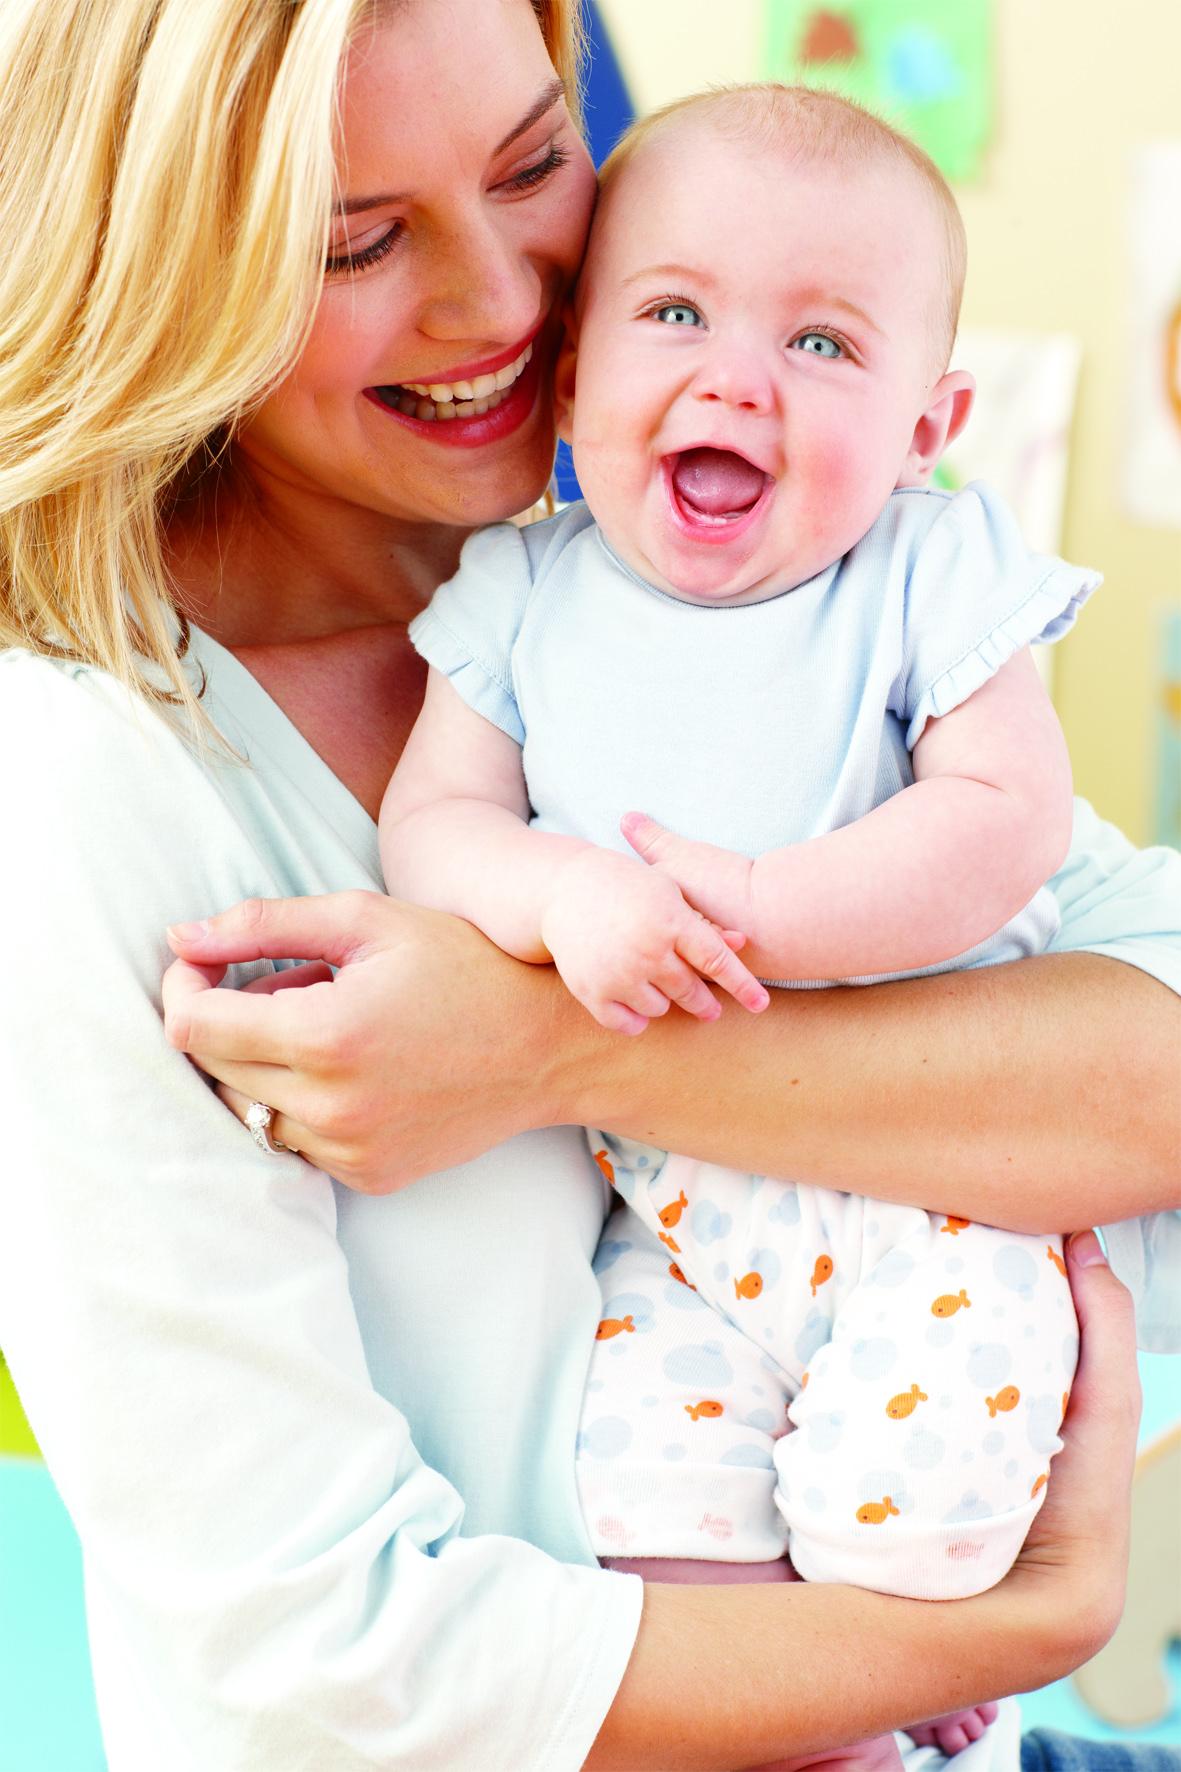 Rir bebé criança rir muito